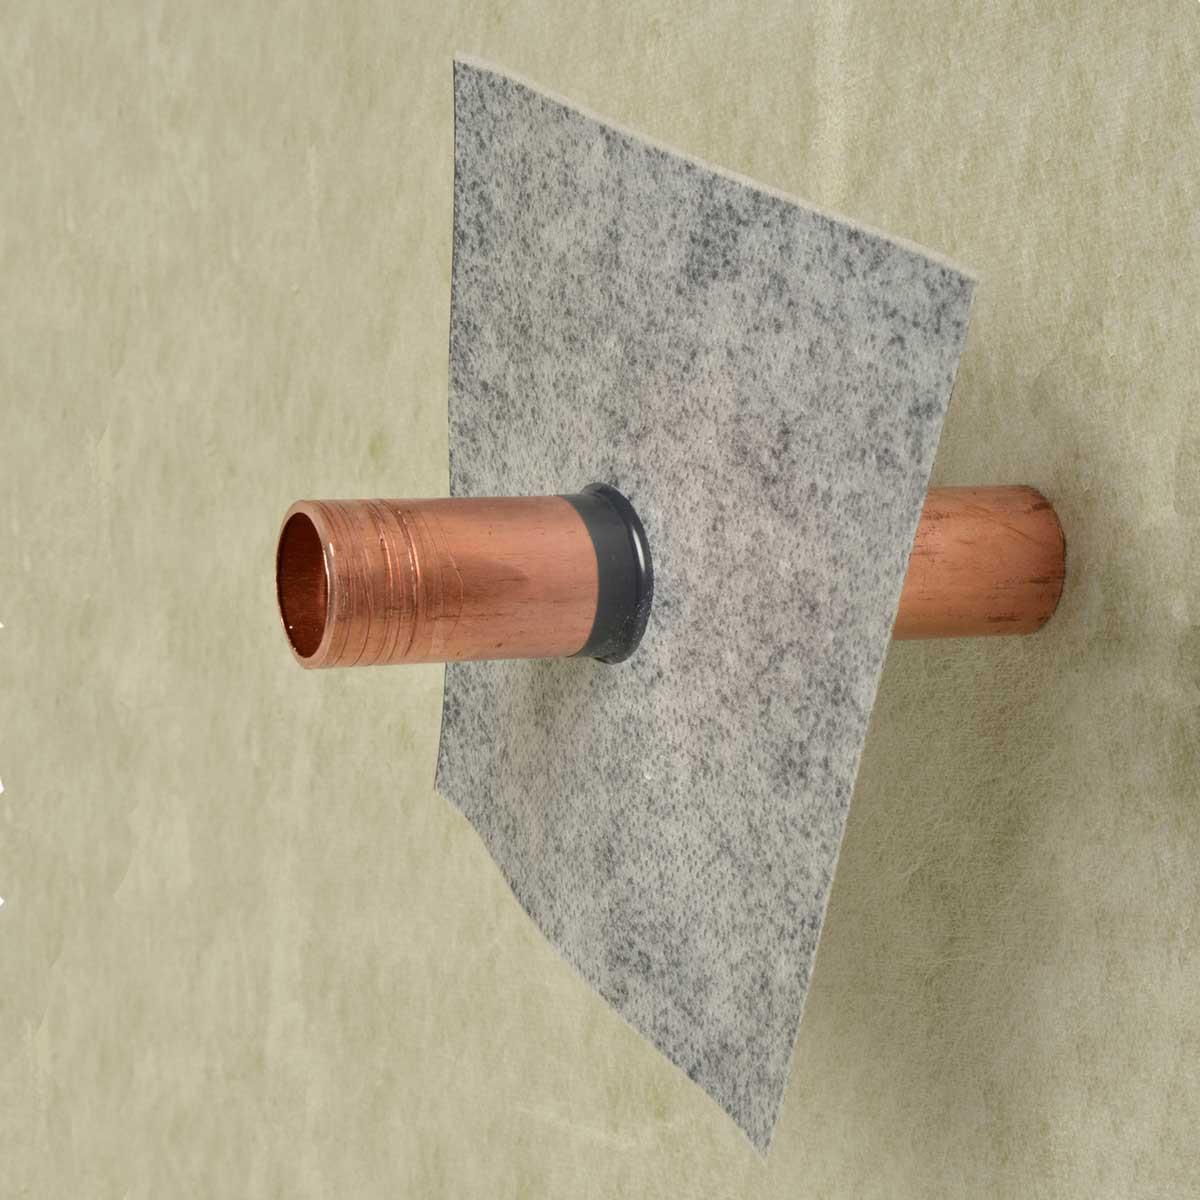 Hydro Ban Pipe Collar wall